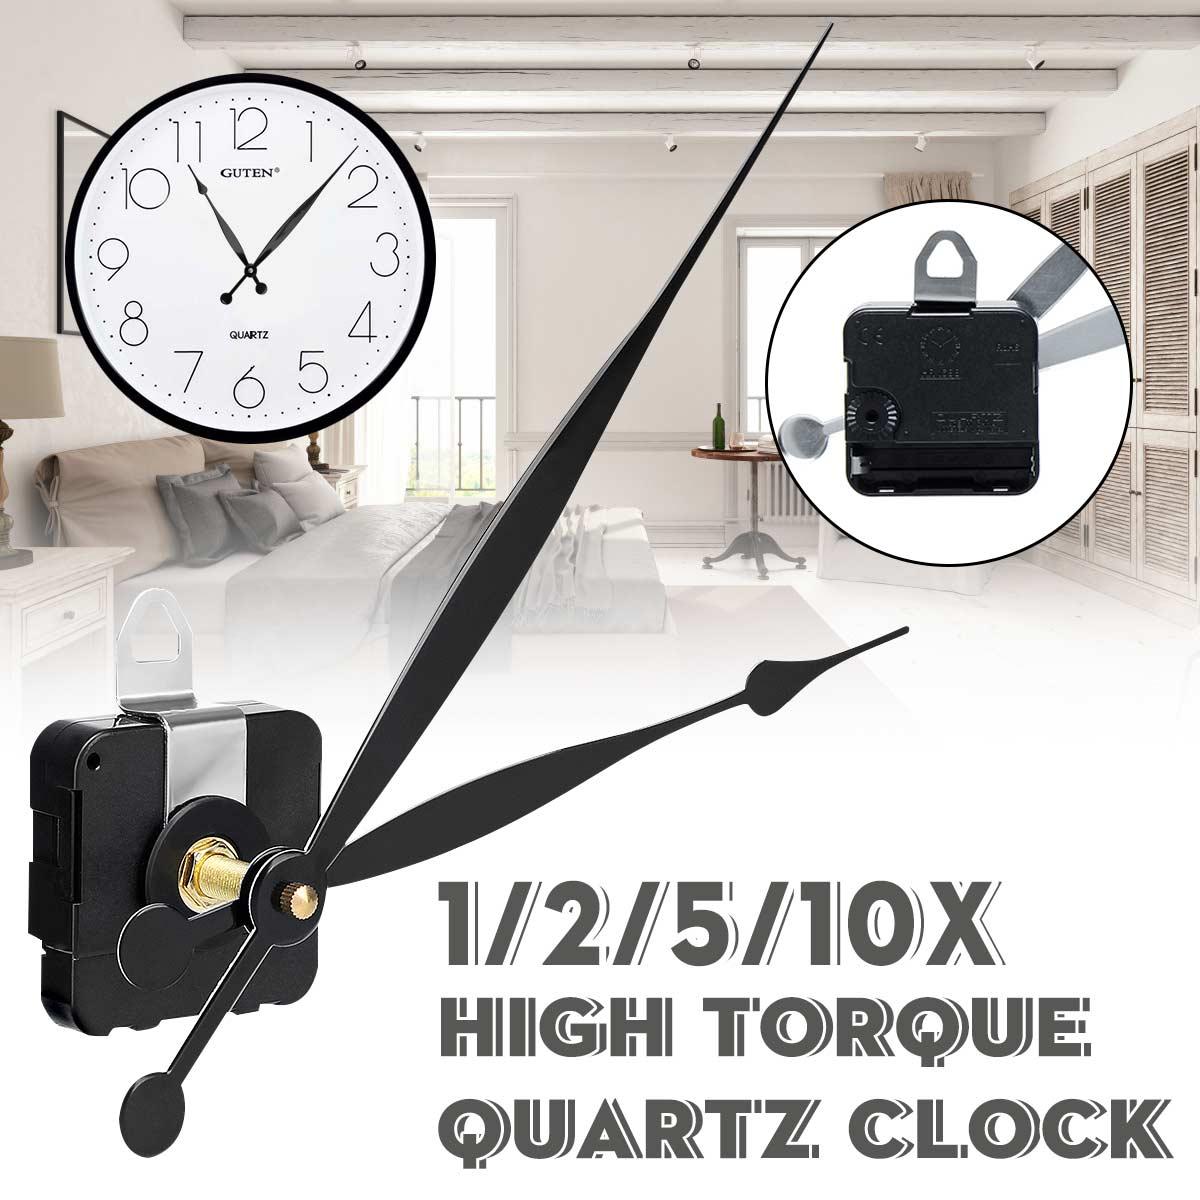 High Torque Quartz Controlled Clock Shaft Movement Motor Mechanism Hands Kit